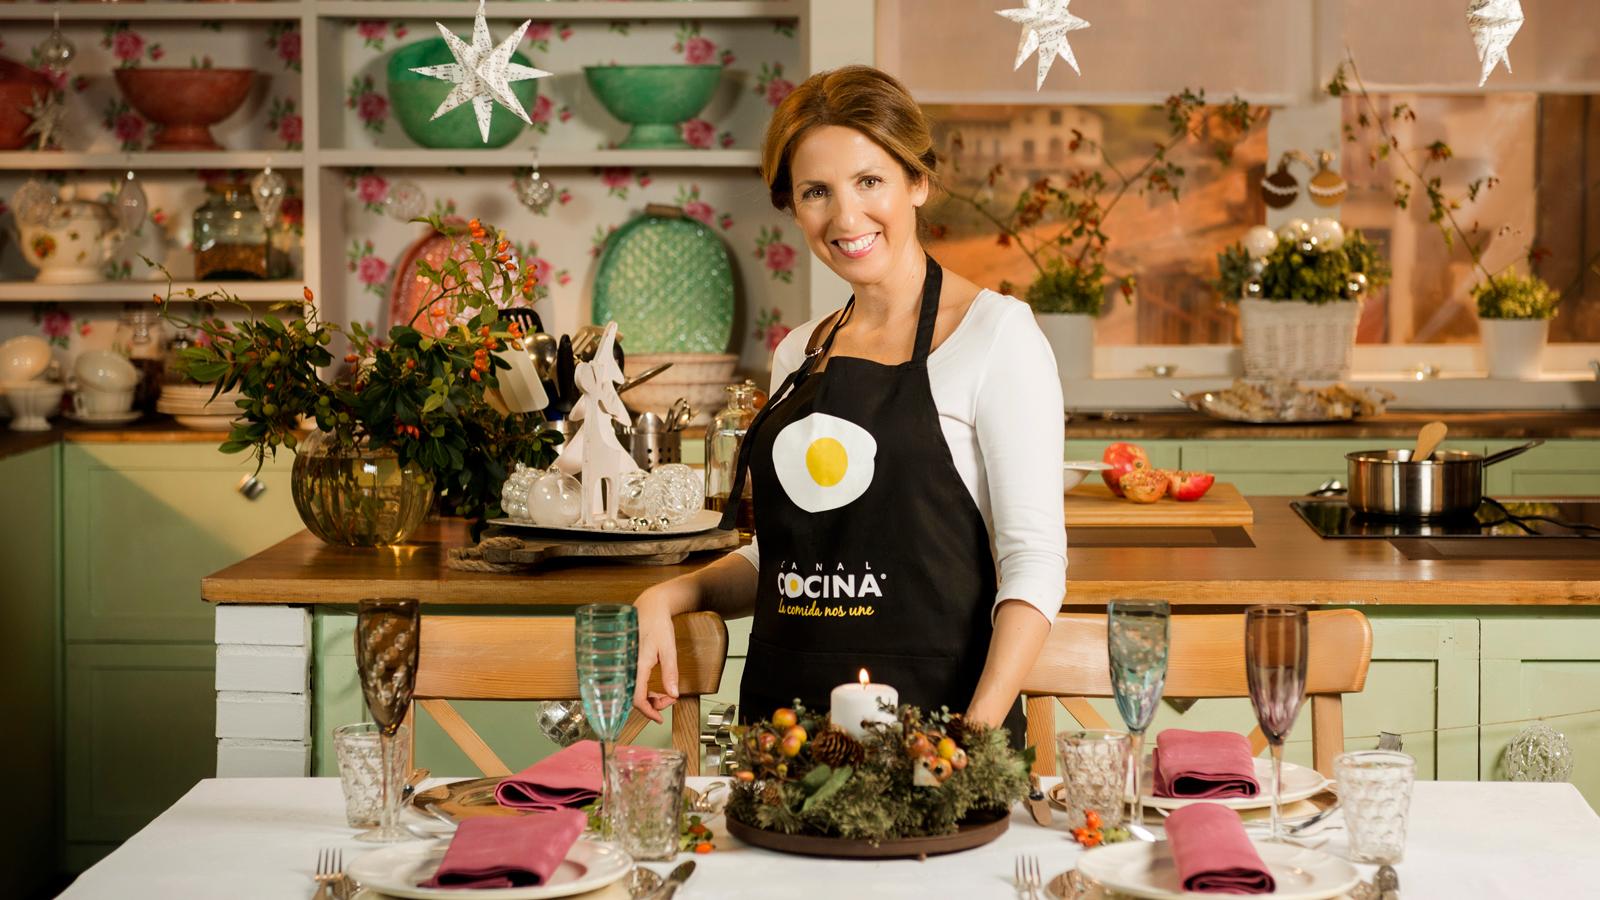 cocina de familia t6 programas canal cocina